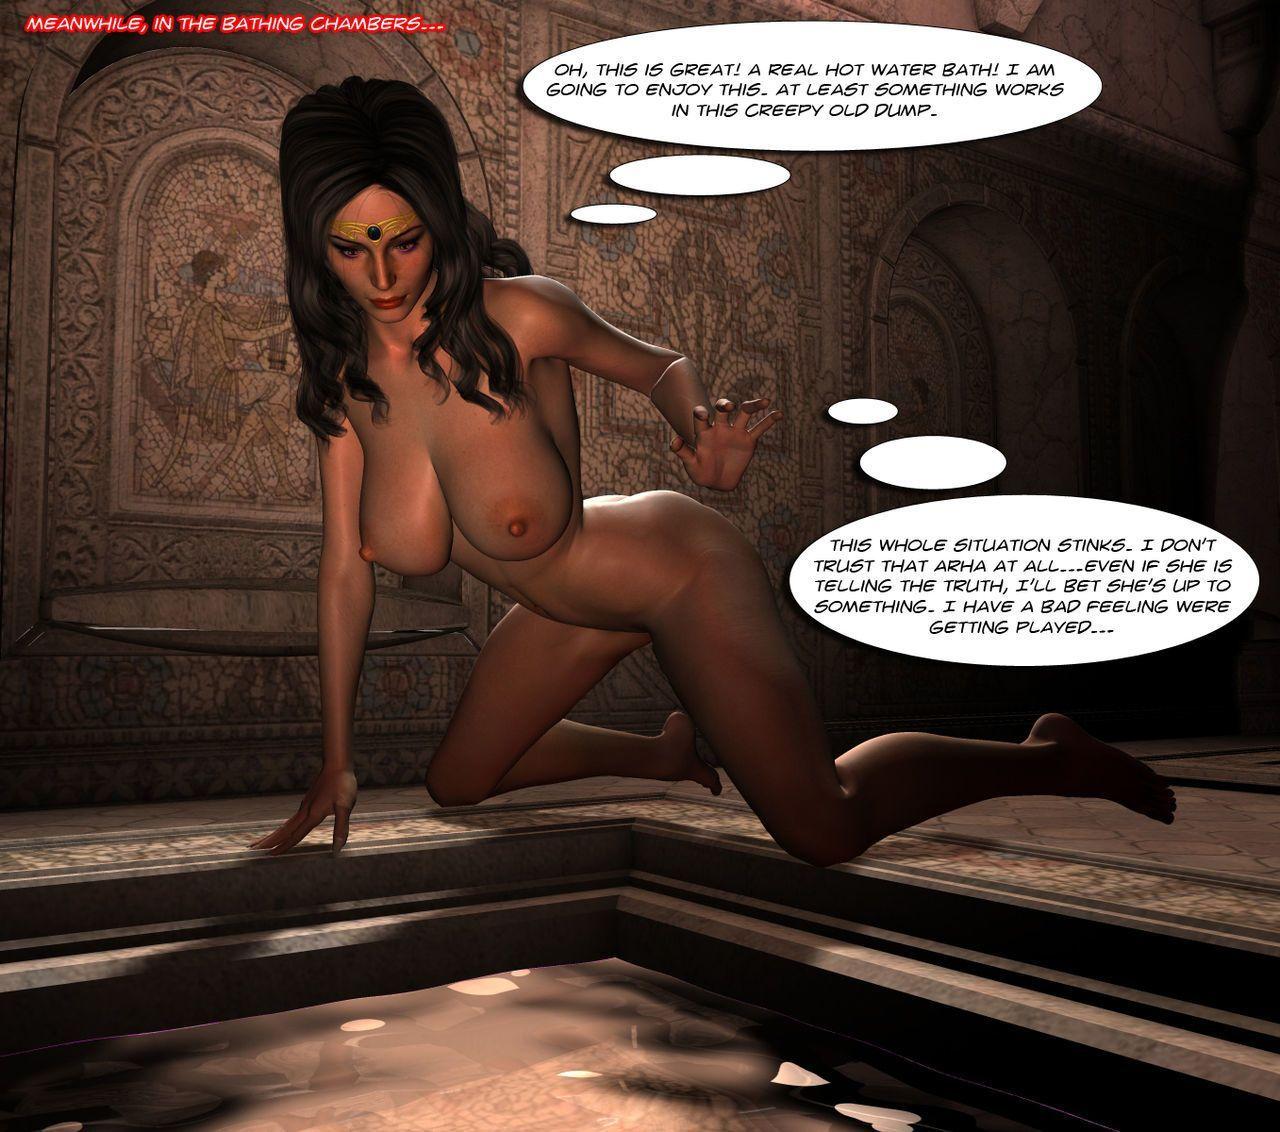 [Uroboros] Inner Universe 1 - 40 - part 25